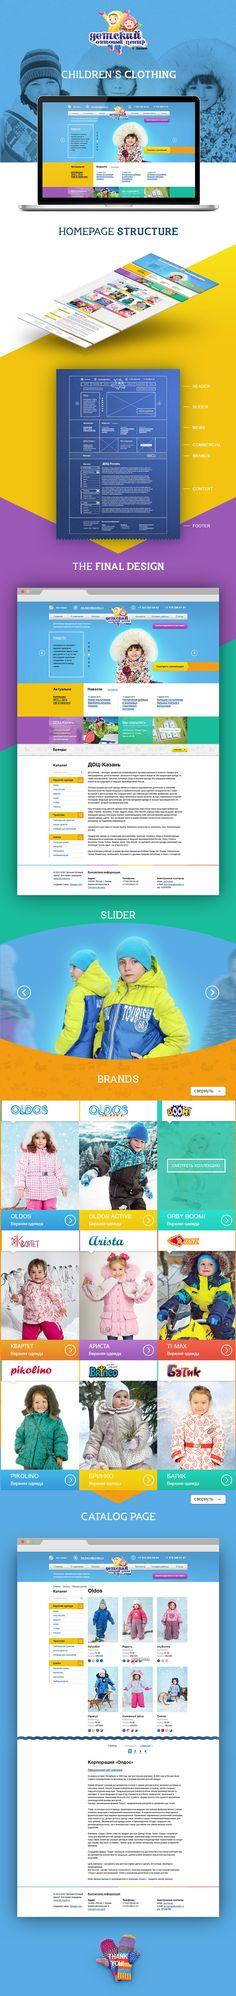 https://www.behance.net/gallery/10924669/DOC-Kazan-Childrens-clothing